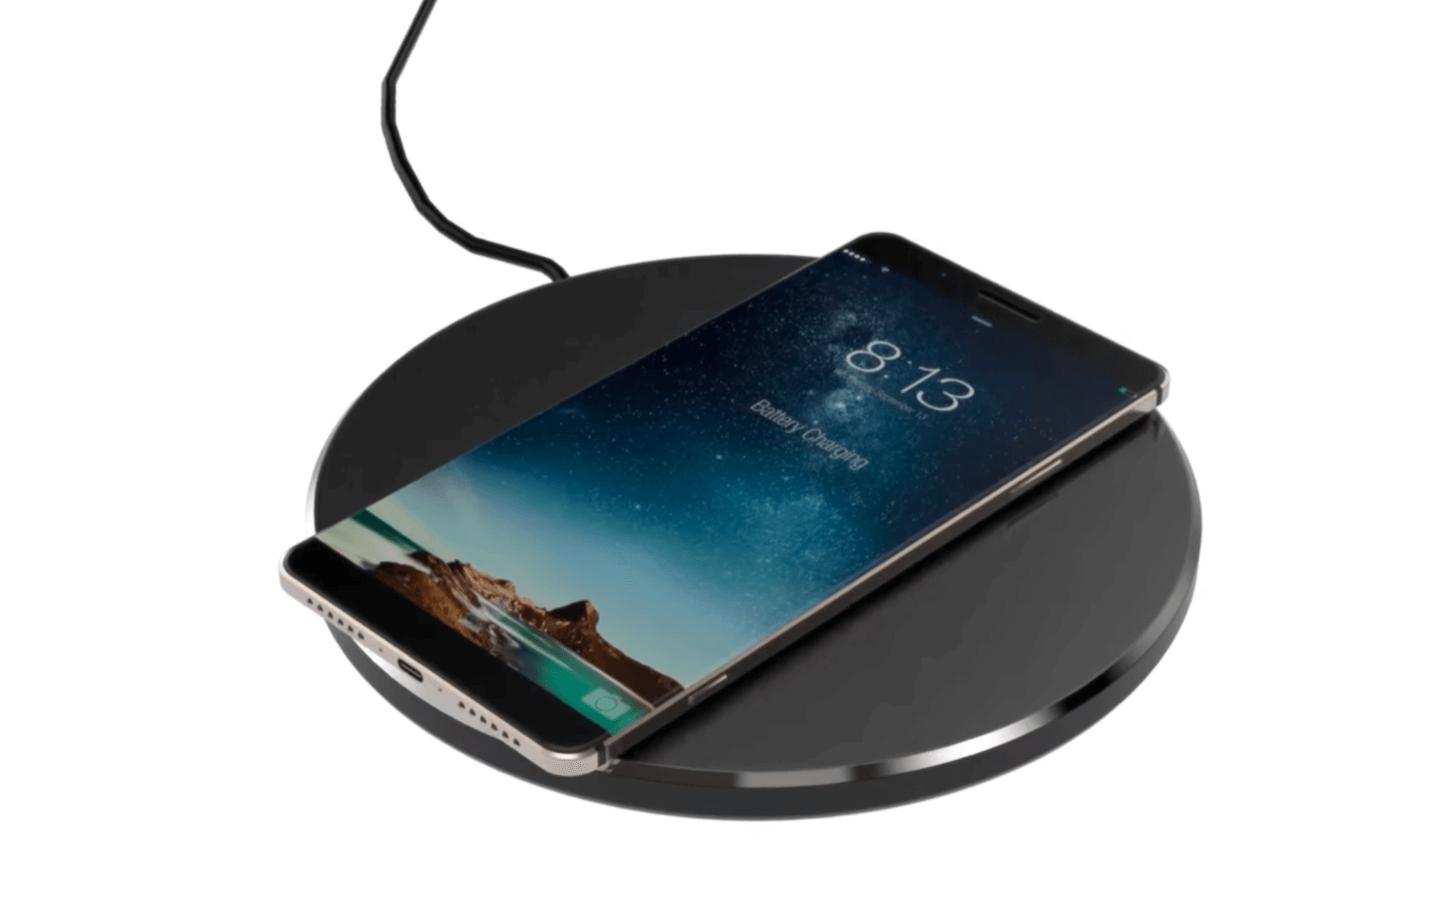 iPhone-ワイヤレス充電